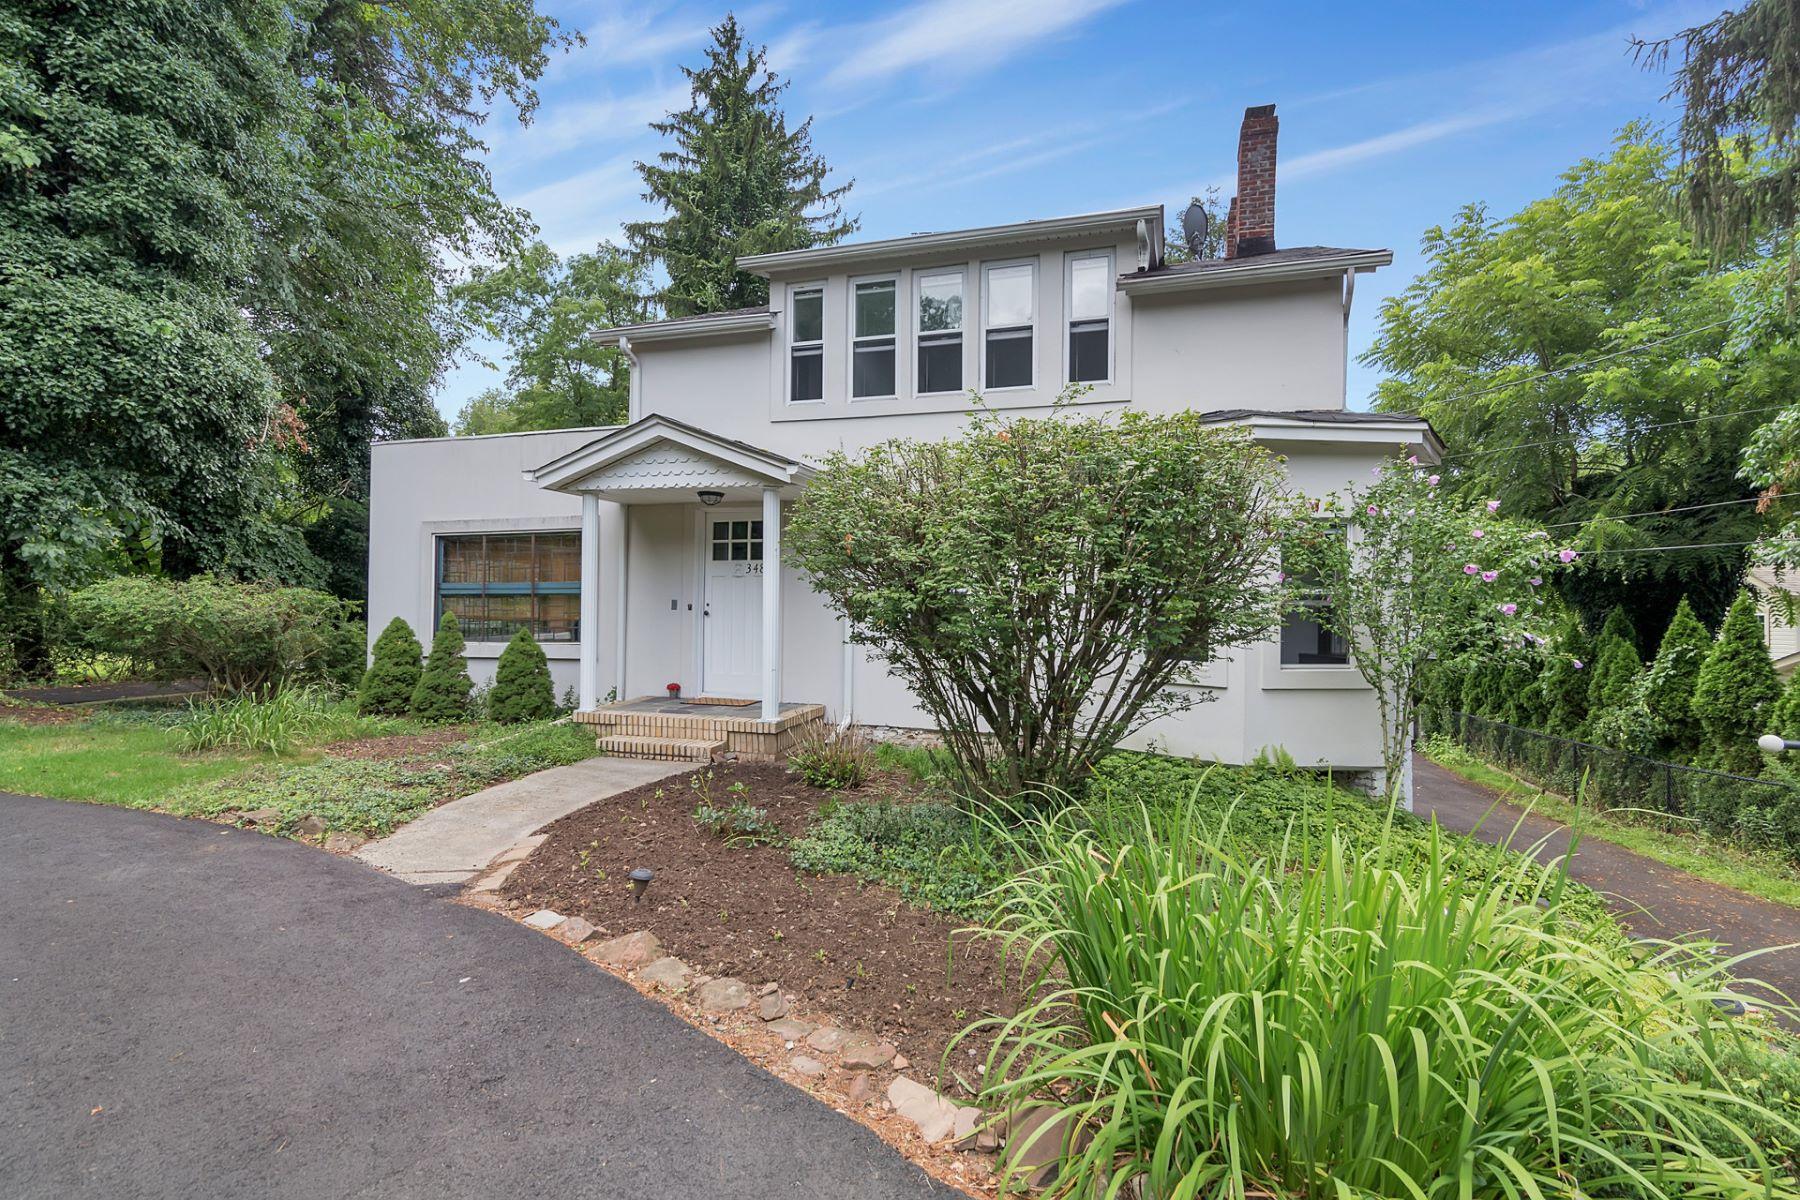 Casa Multifamiliar por un Venta en Two Family 348 Schraalenburgh Rd, Closter, Nueva Jersey 07624 Estados Unidos